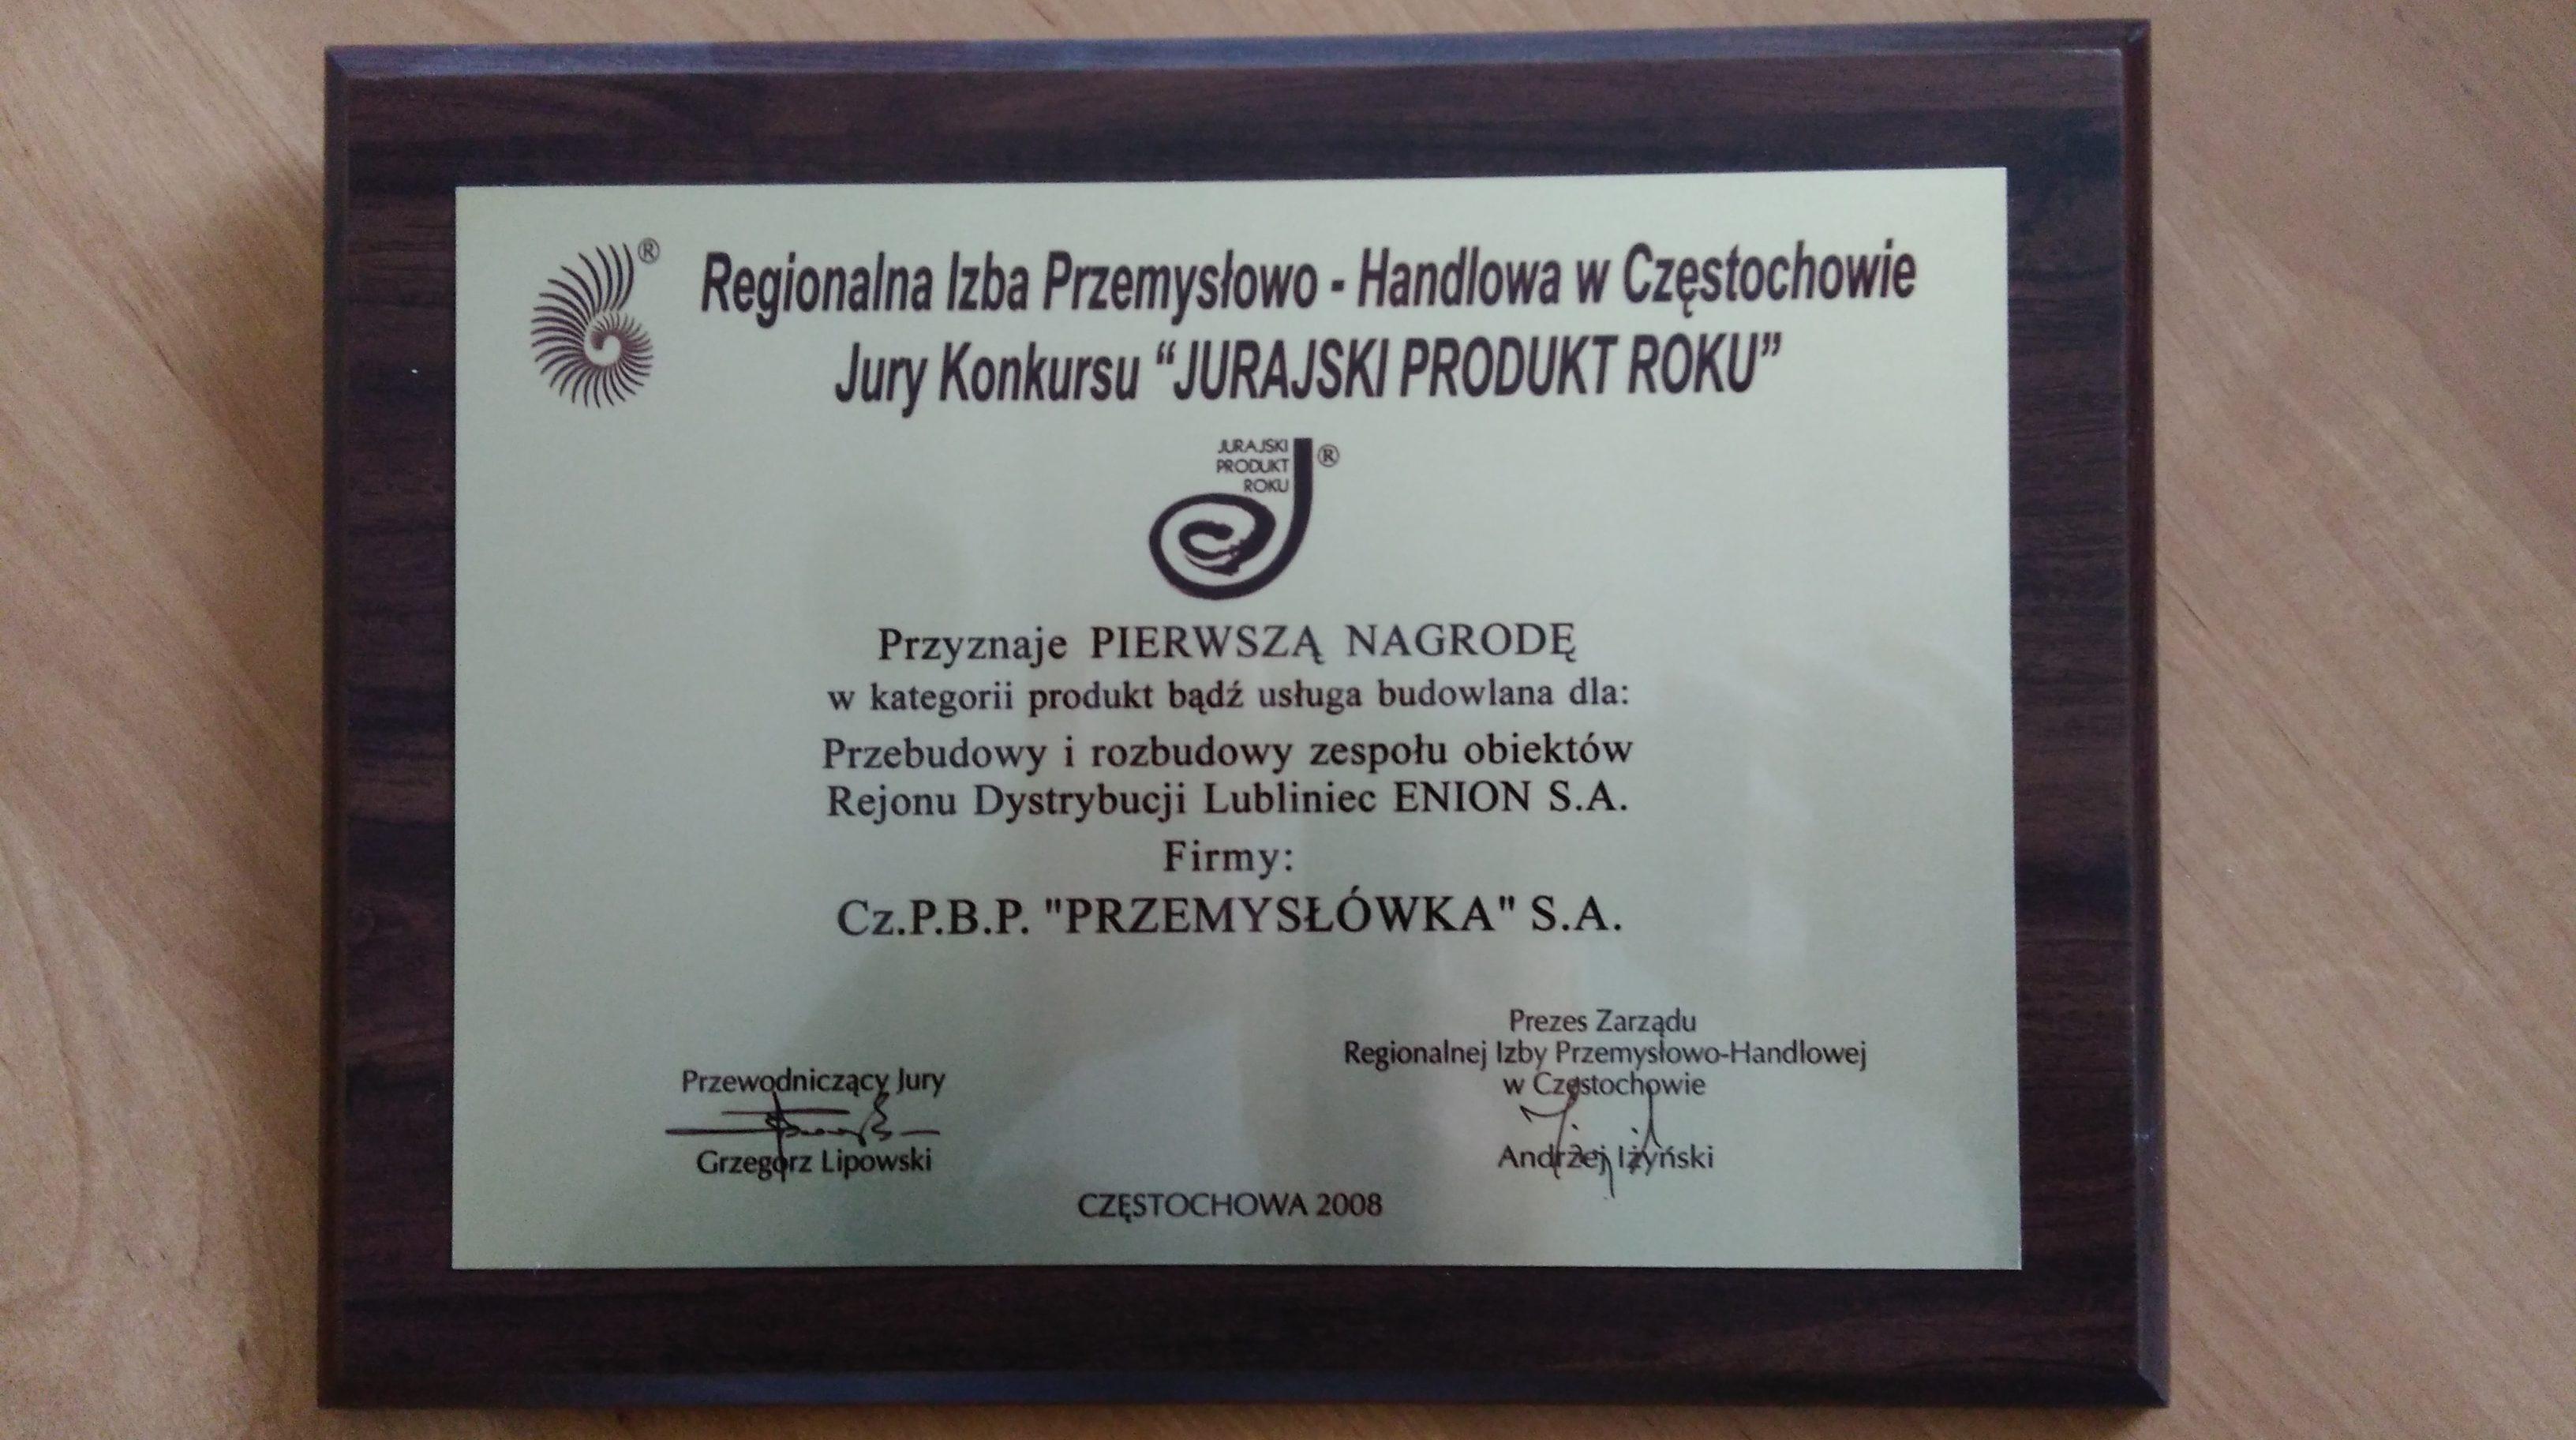 Jurajski Produkt Roku 2008 - Przebudowa i rozbudowa zespołu obiektów Rejonu Dystrybucji Lubliniec ENION S.A. - PIERWSZA NAGRODA